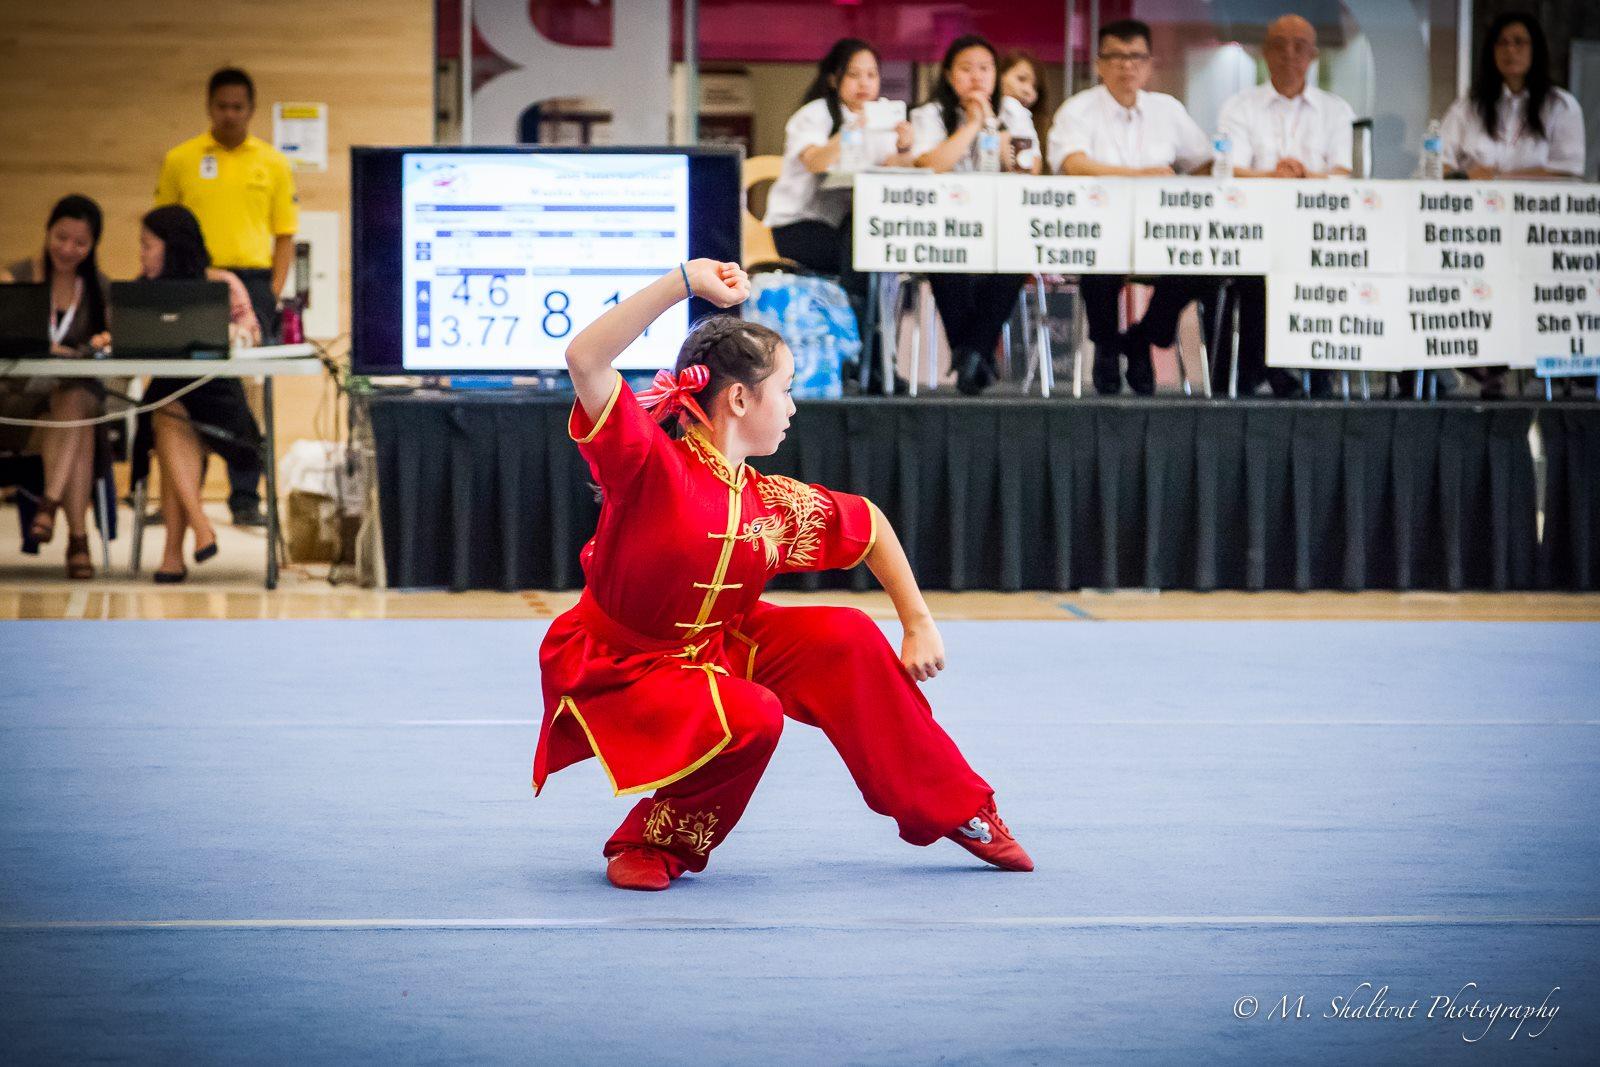 Julia_wayland_li_wushu_Changquan_Longfist_2015_1.jpg